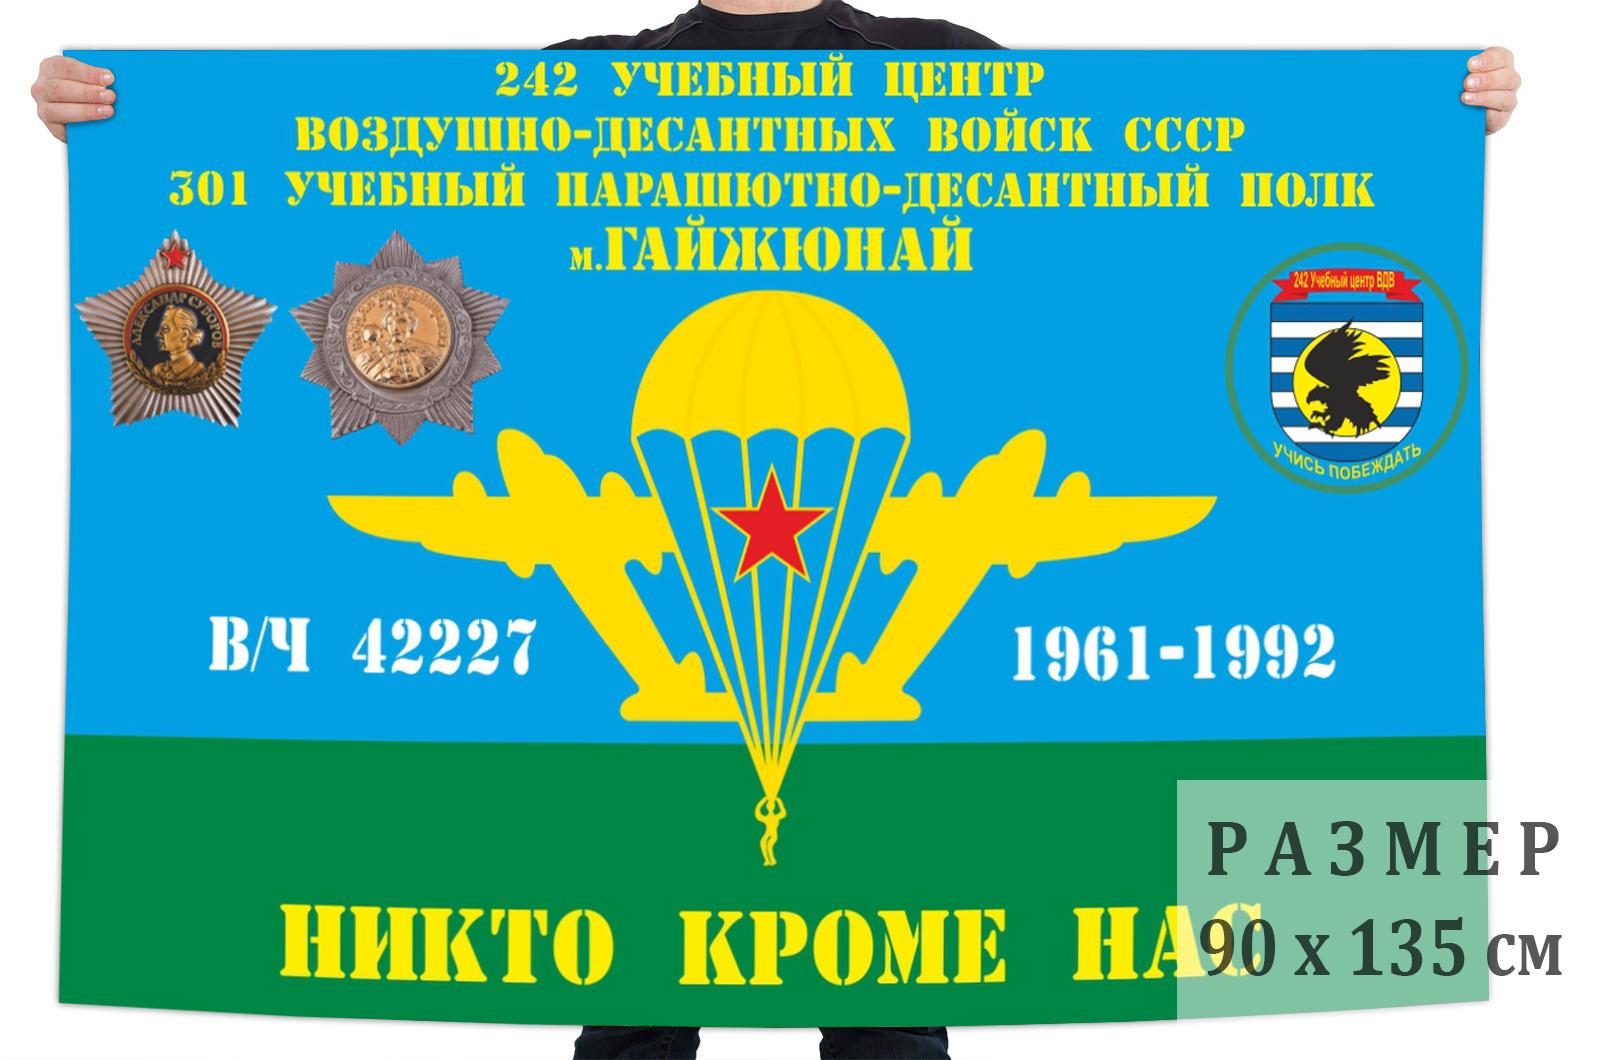 Флаг 301-й учебный парашютно-десантный полк 242 УЦ ВДВ